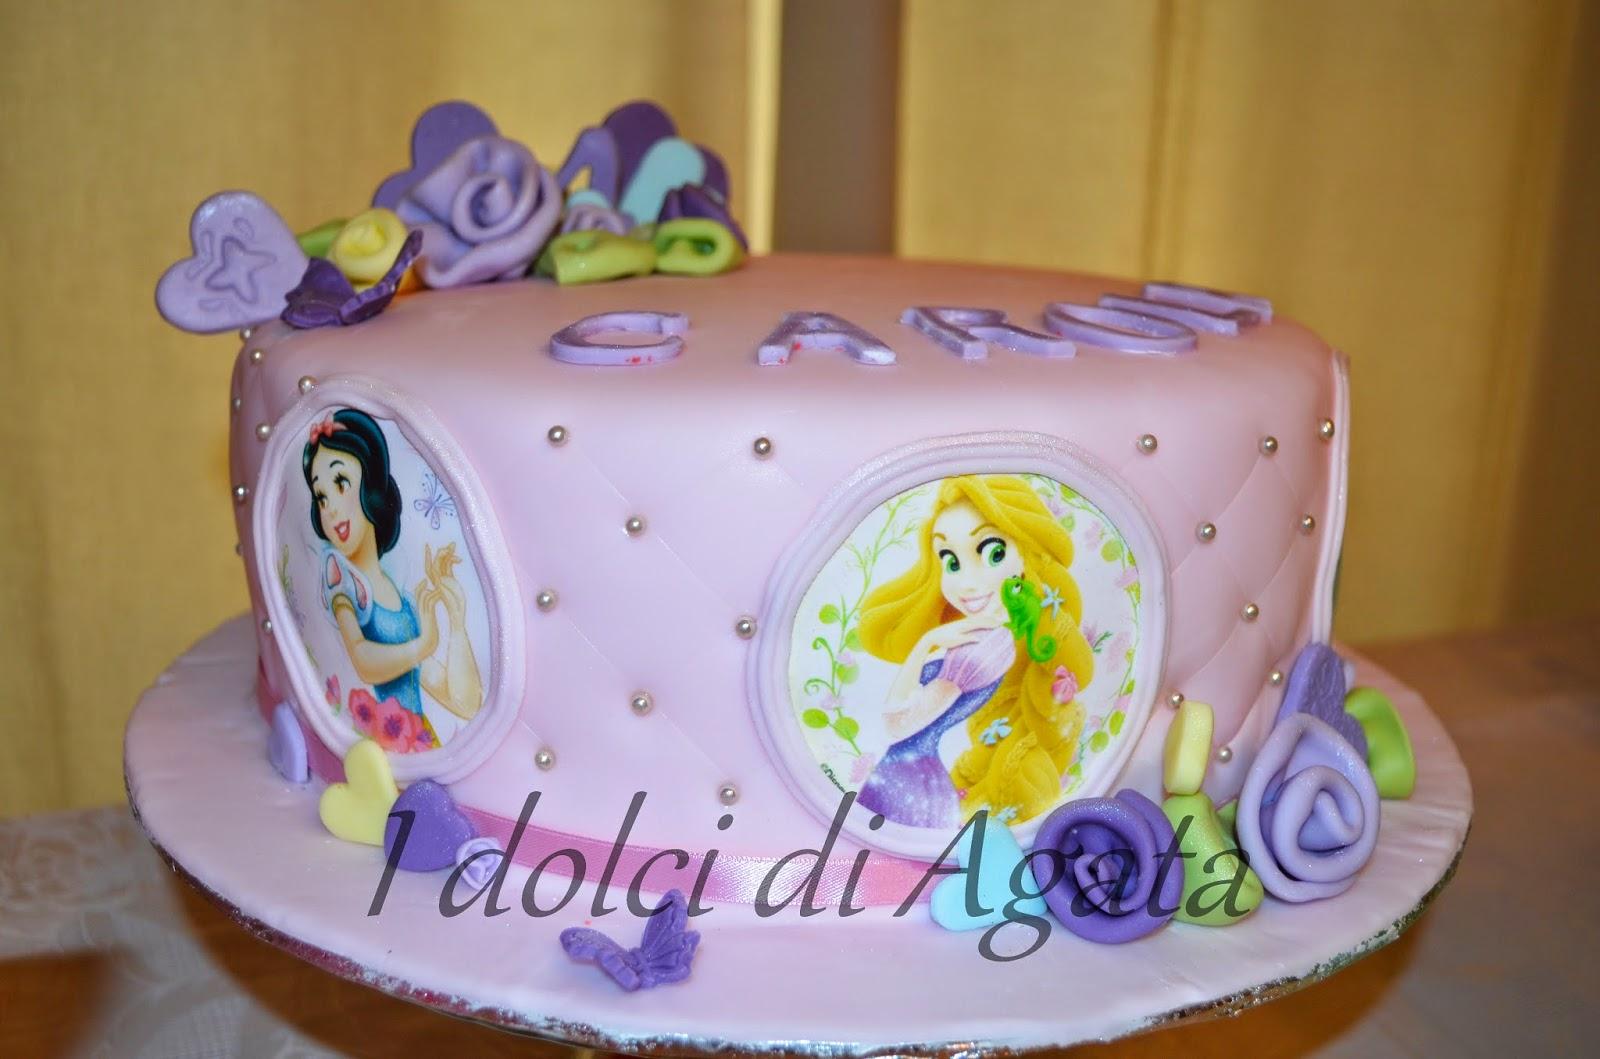 torte di principesse torta principesse : Torta principesse disney